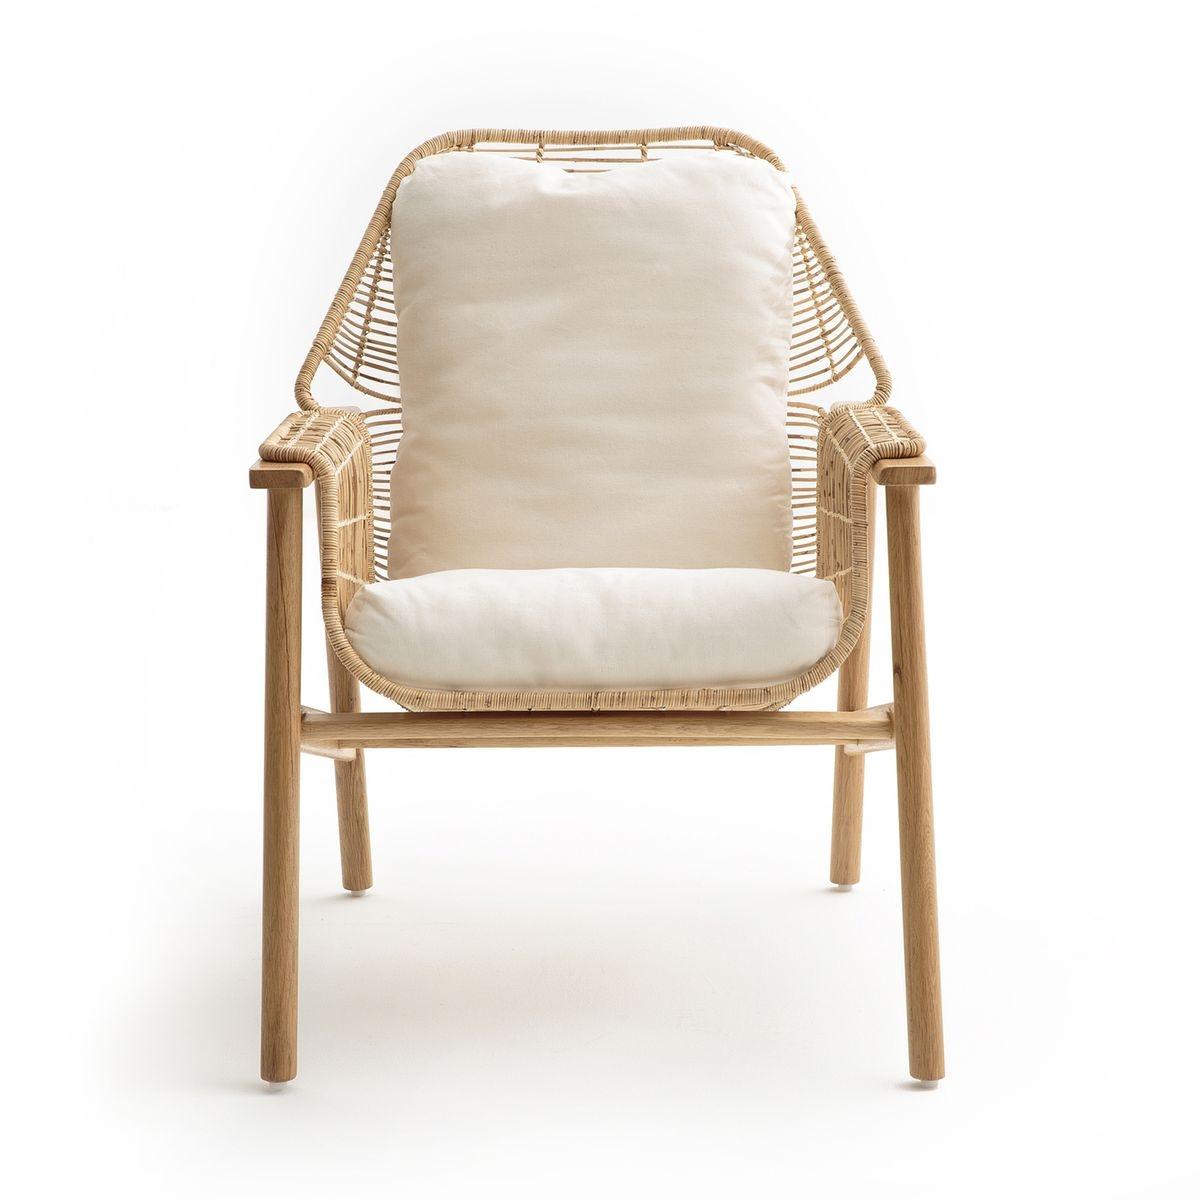 fauteuil rotin tressé, prasine naturel am.pm